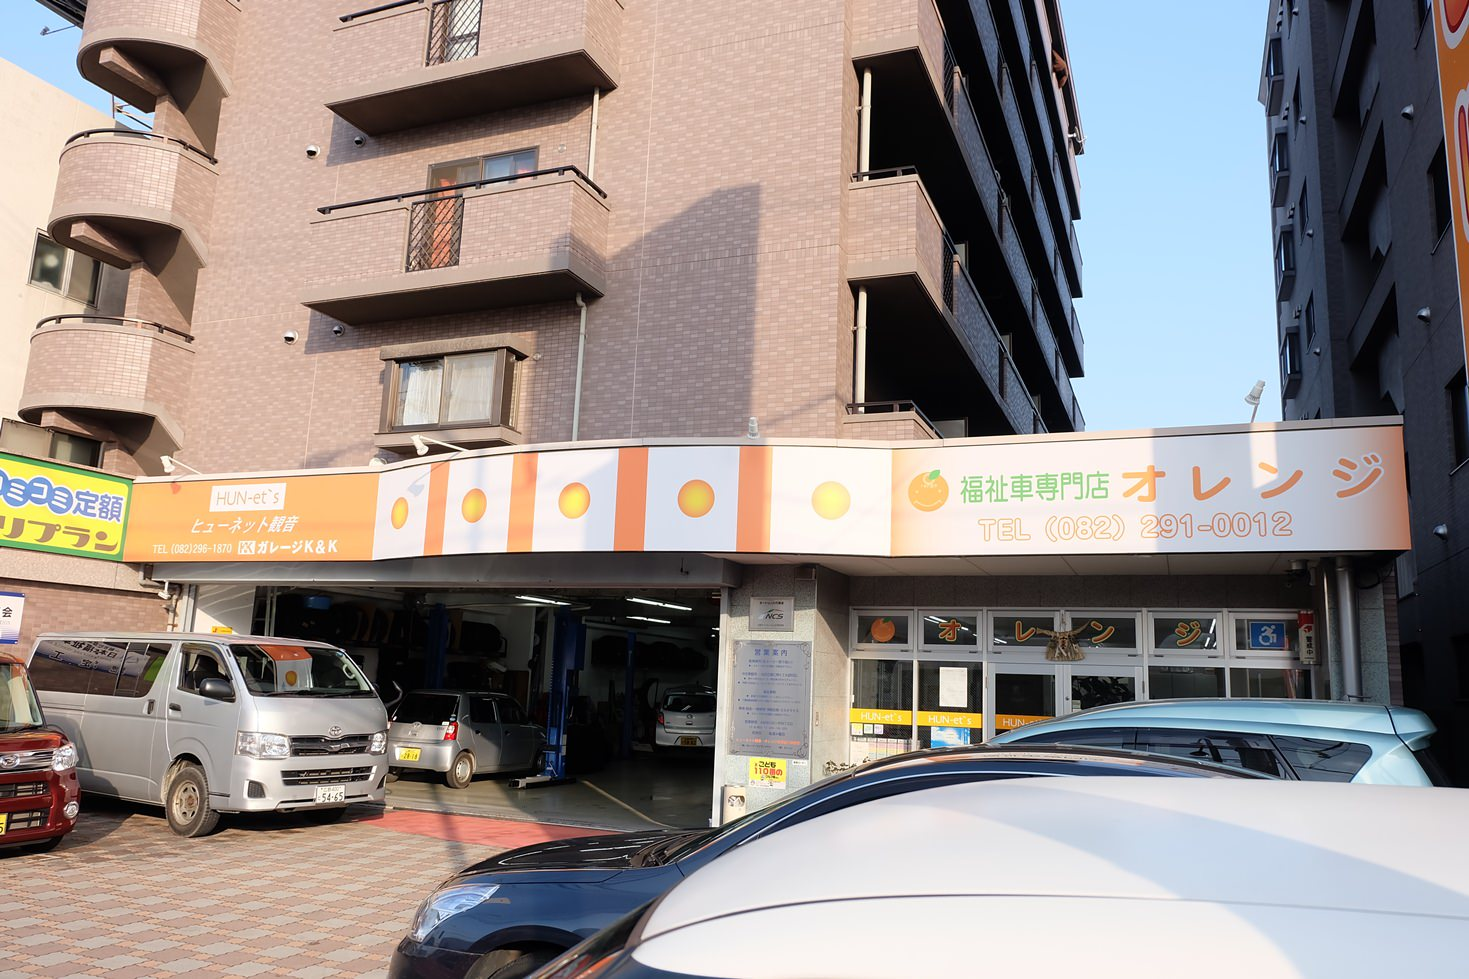 ヒューネット観音  株式会社 ガレージ・ケイアンドケイ